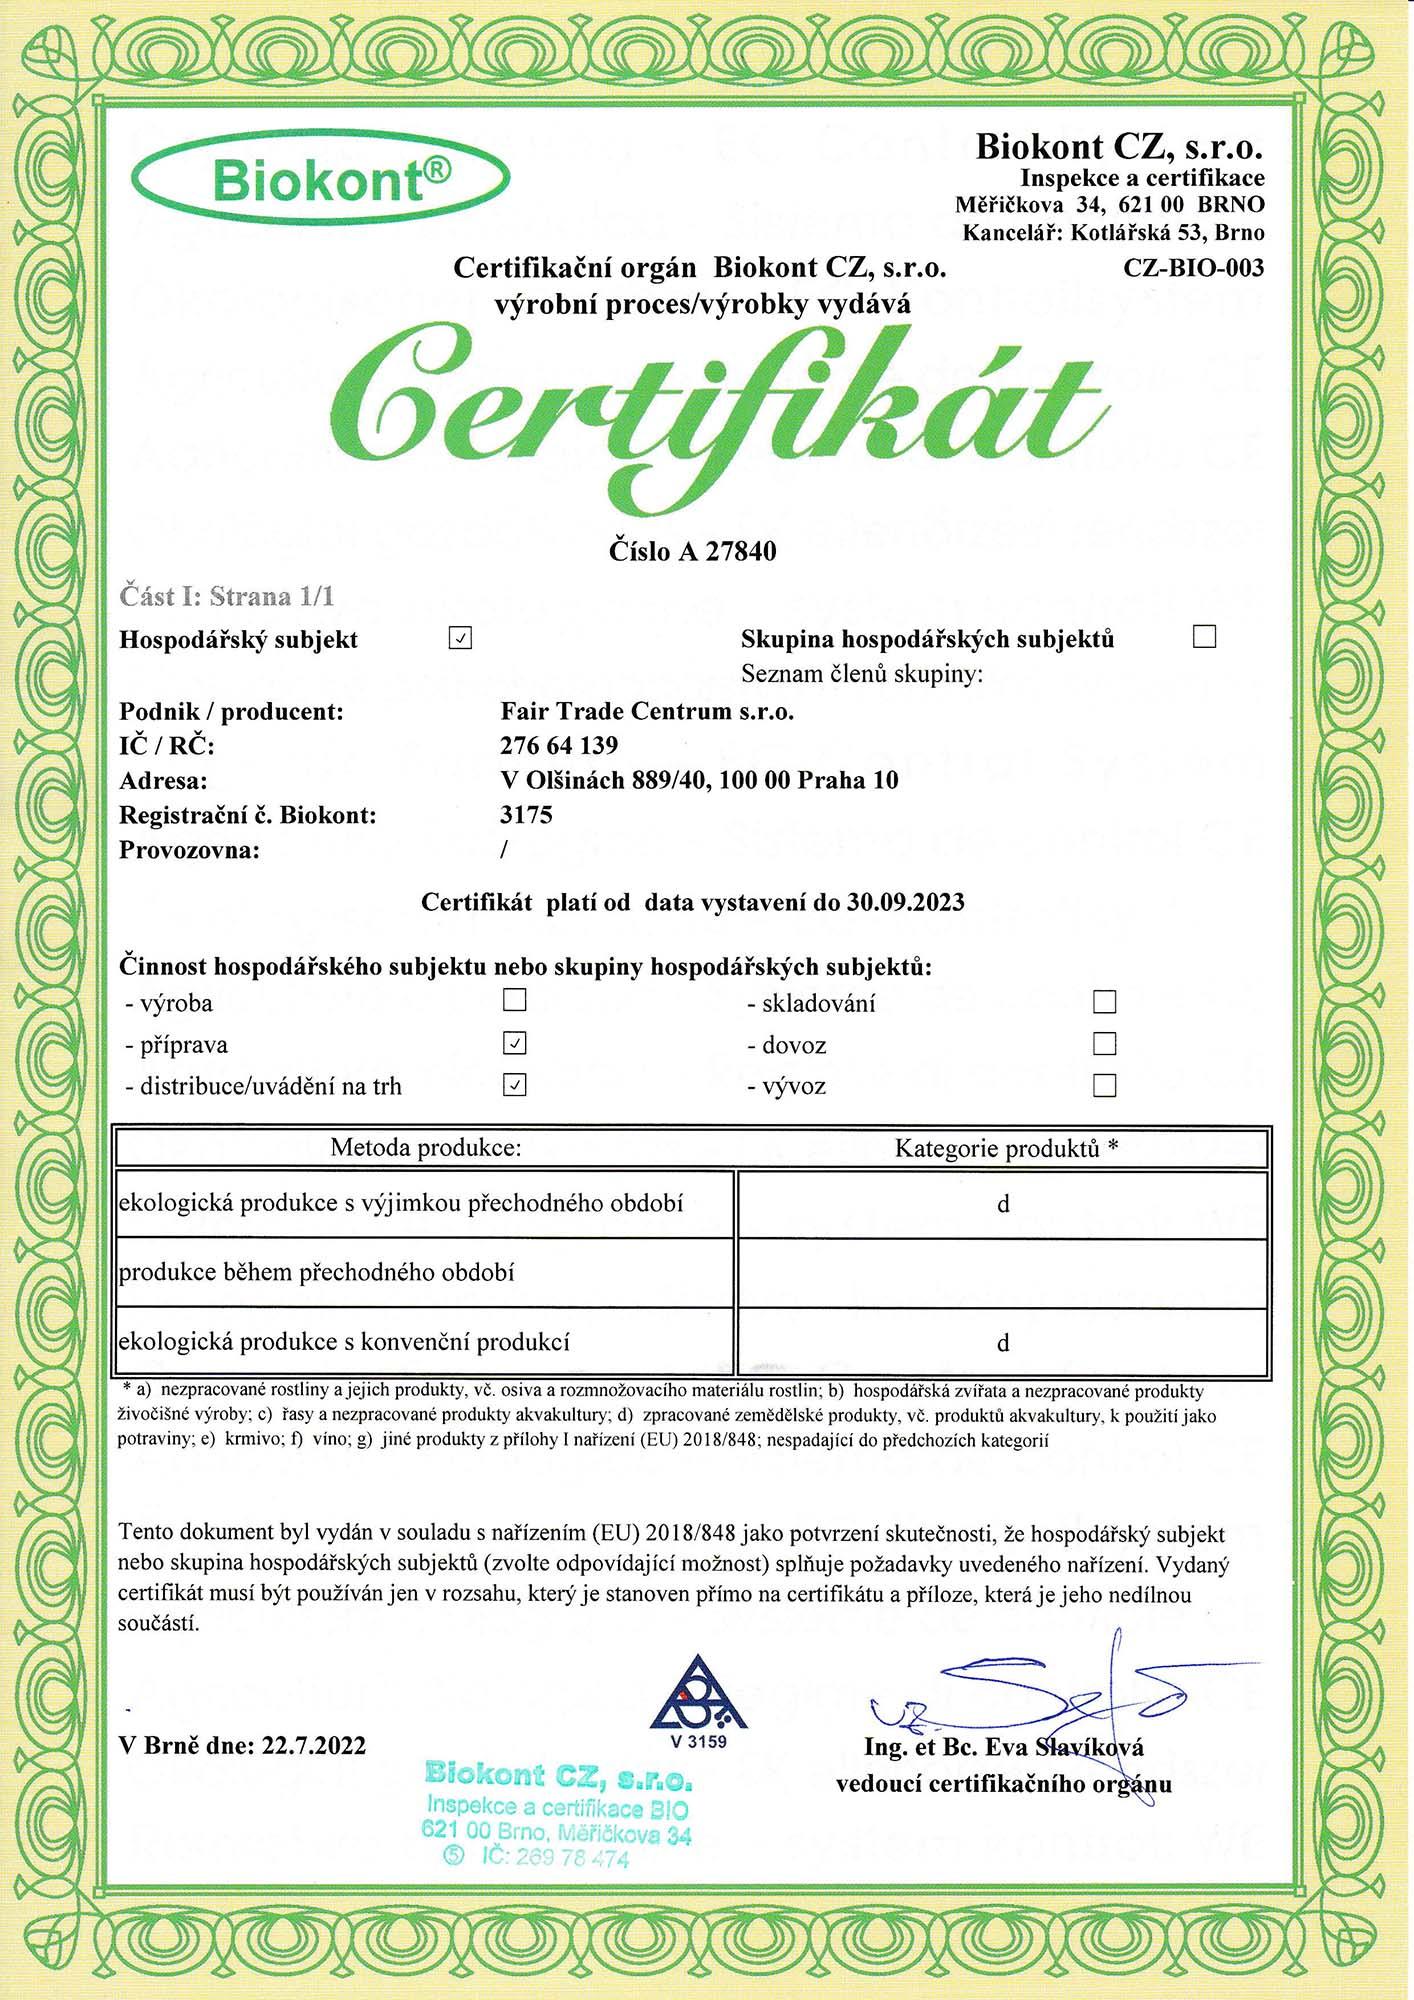 Certifikát Biokontu Fair Trade Centrum